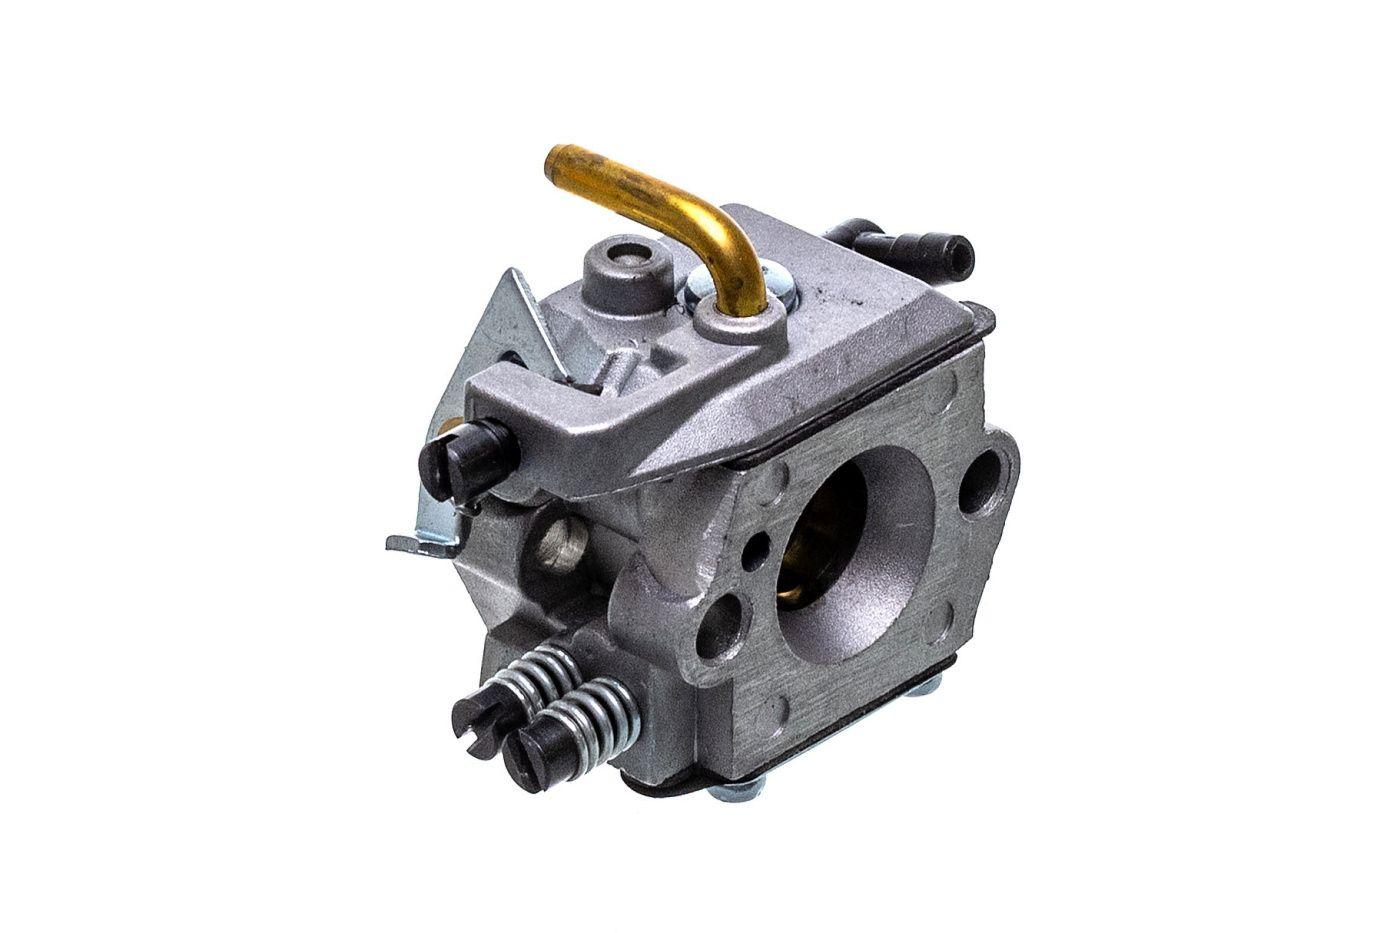 Karburátor Stihl 024 024AV AV MS240 MS 240 Super 026 MS 260 MS260 typ WALBRO